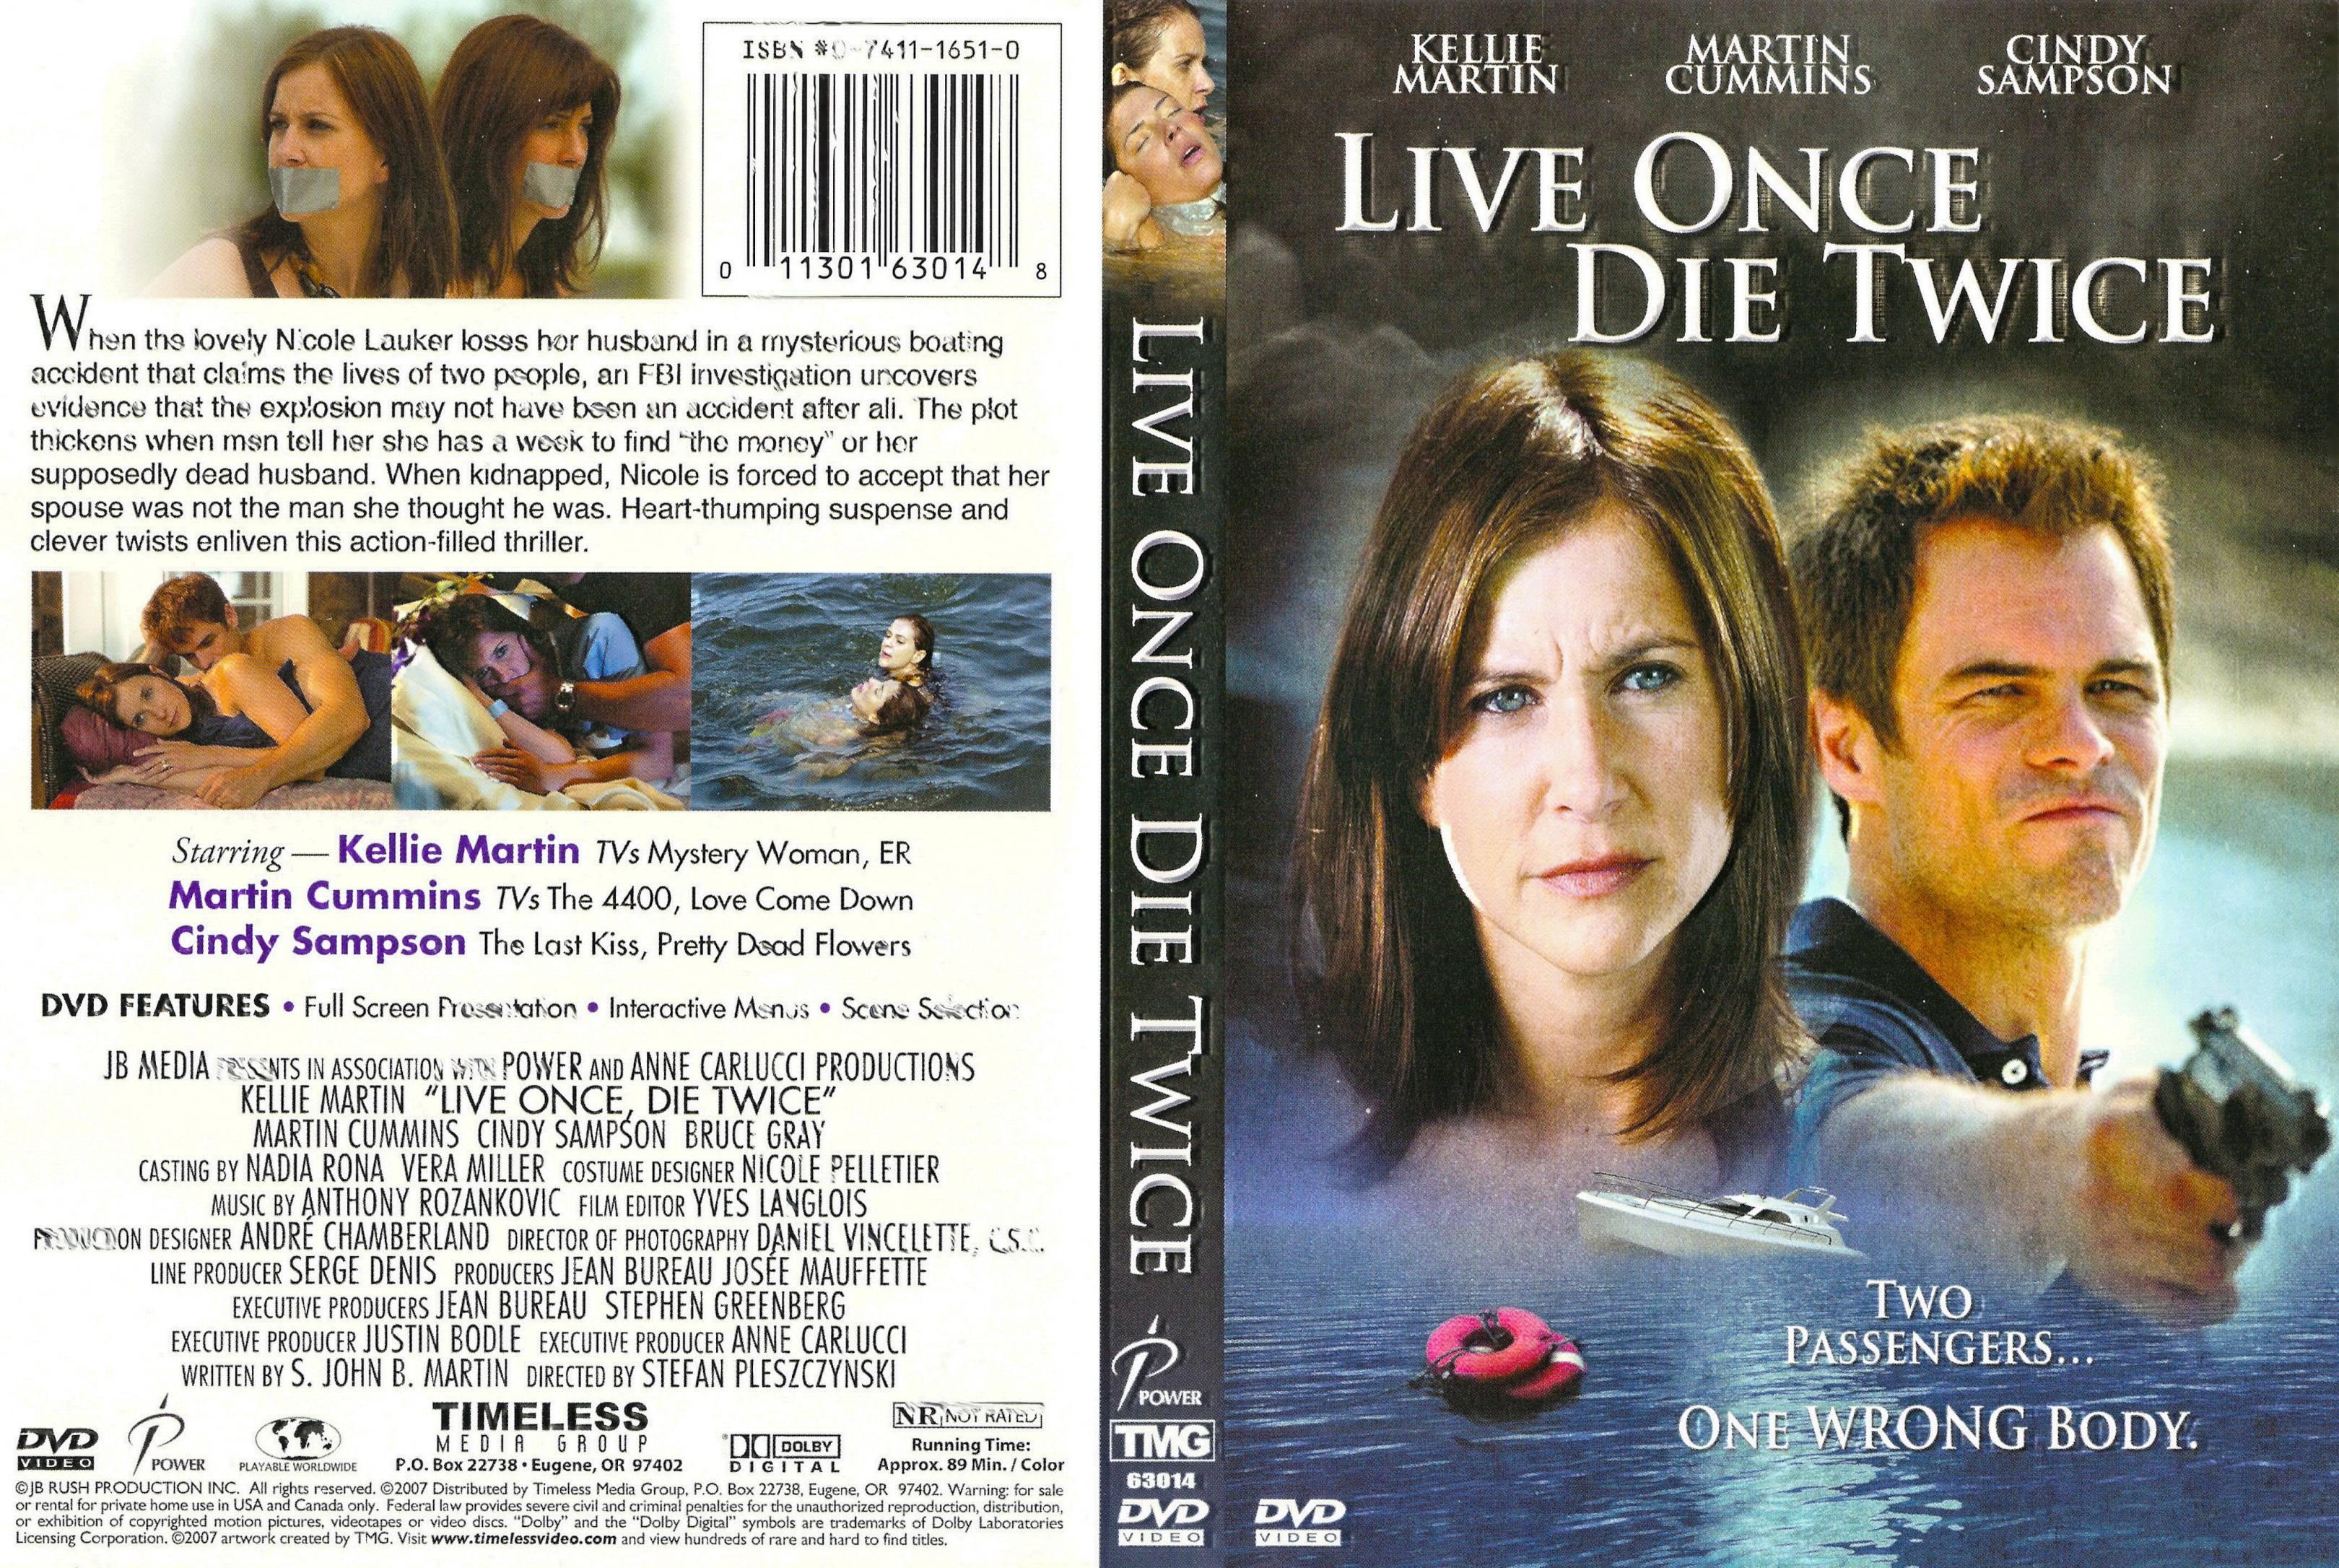 live once die twice 2006 full movie